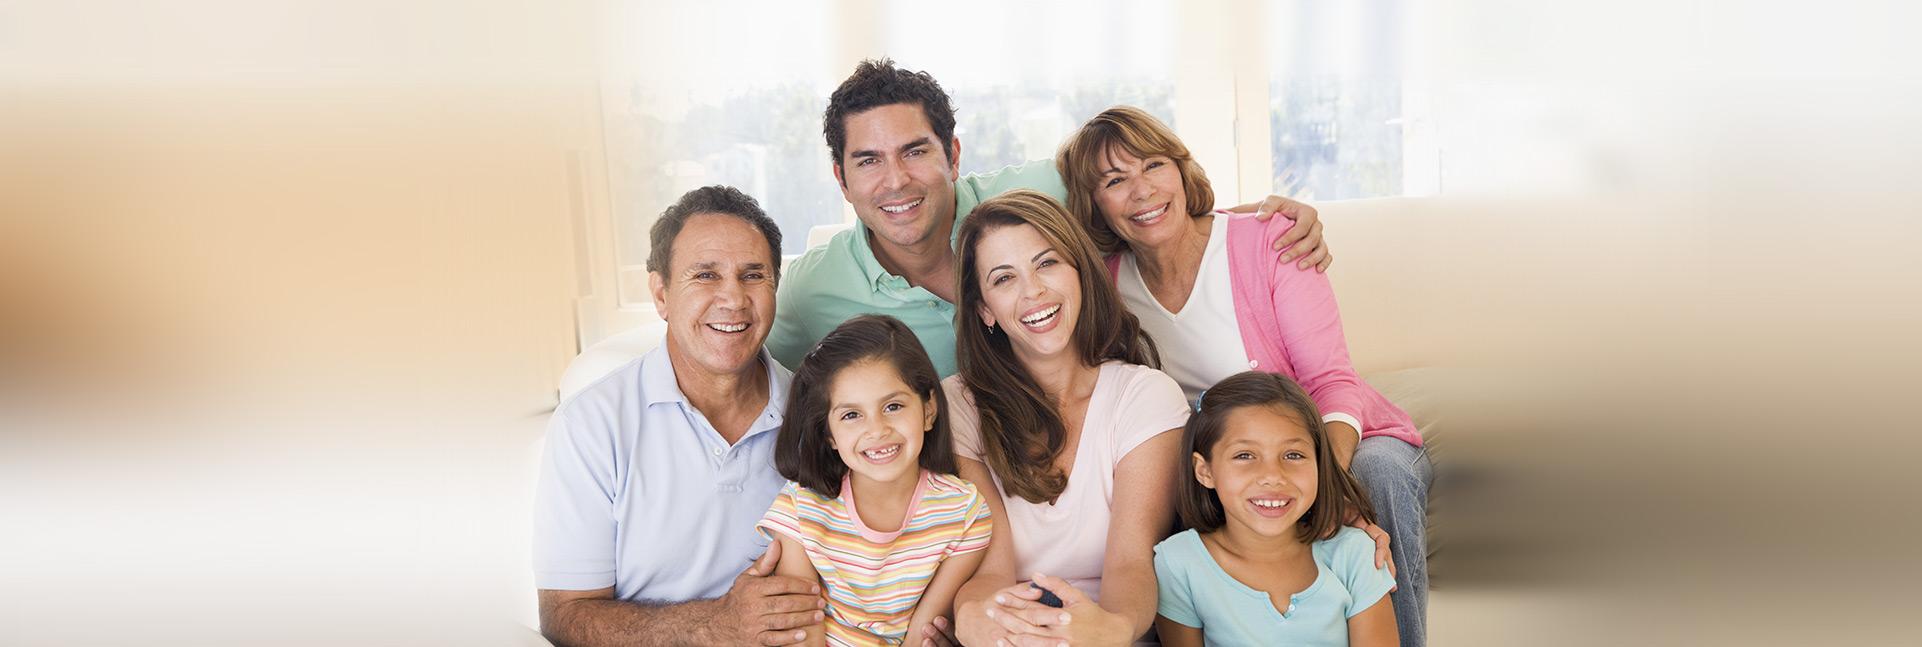 Atención a toda la familia. Desde bebés hasta abuelitos.